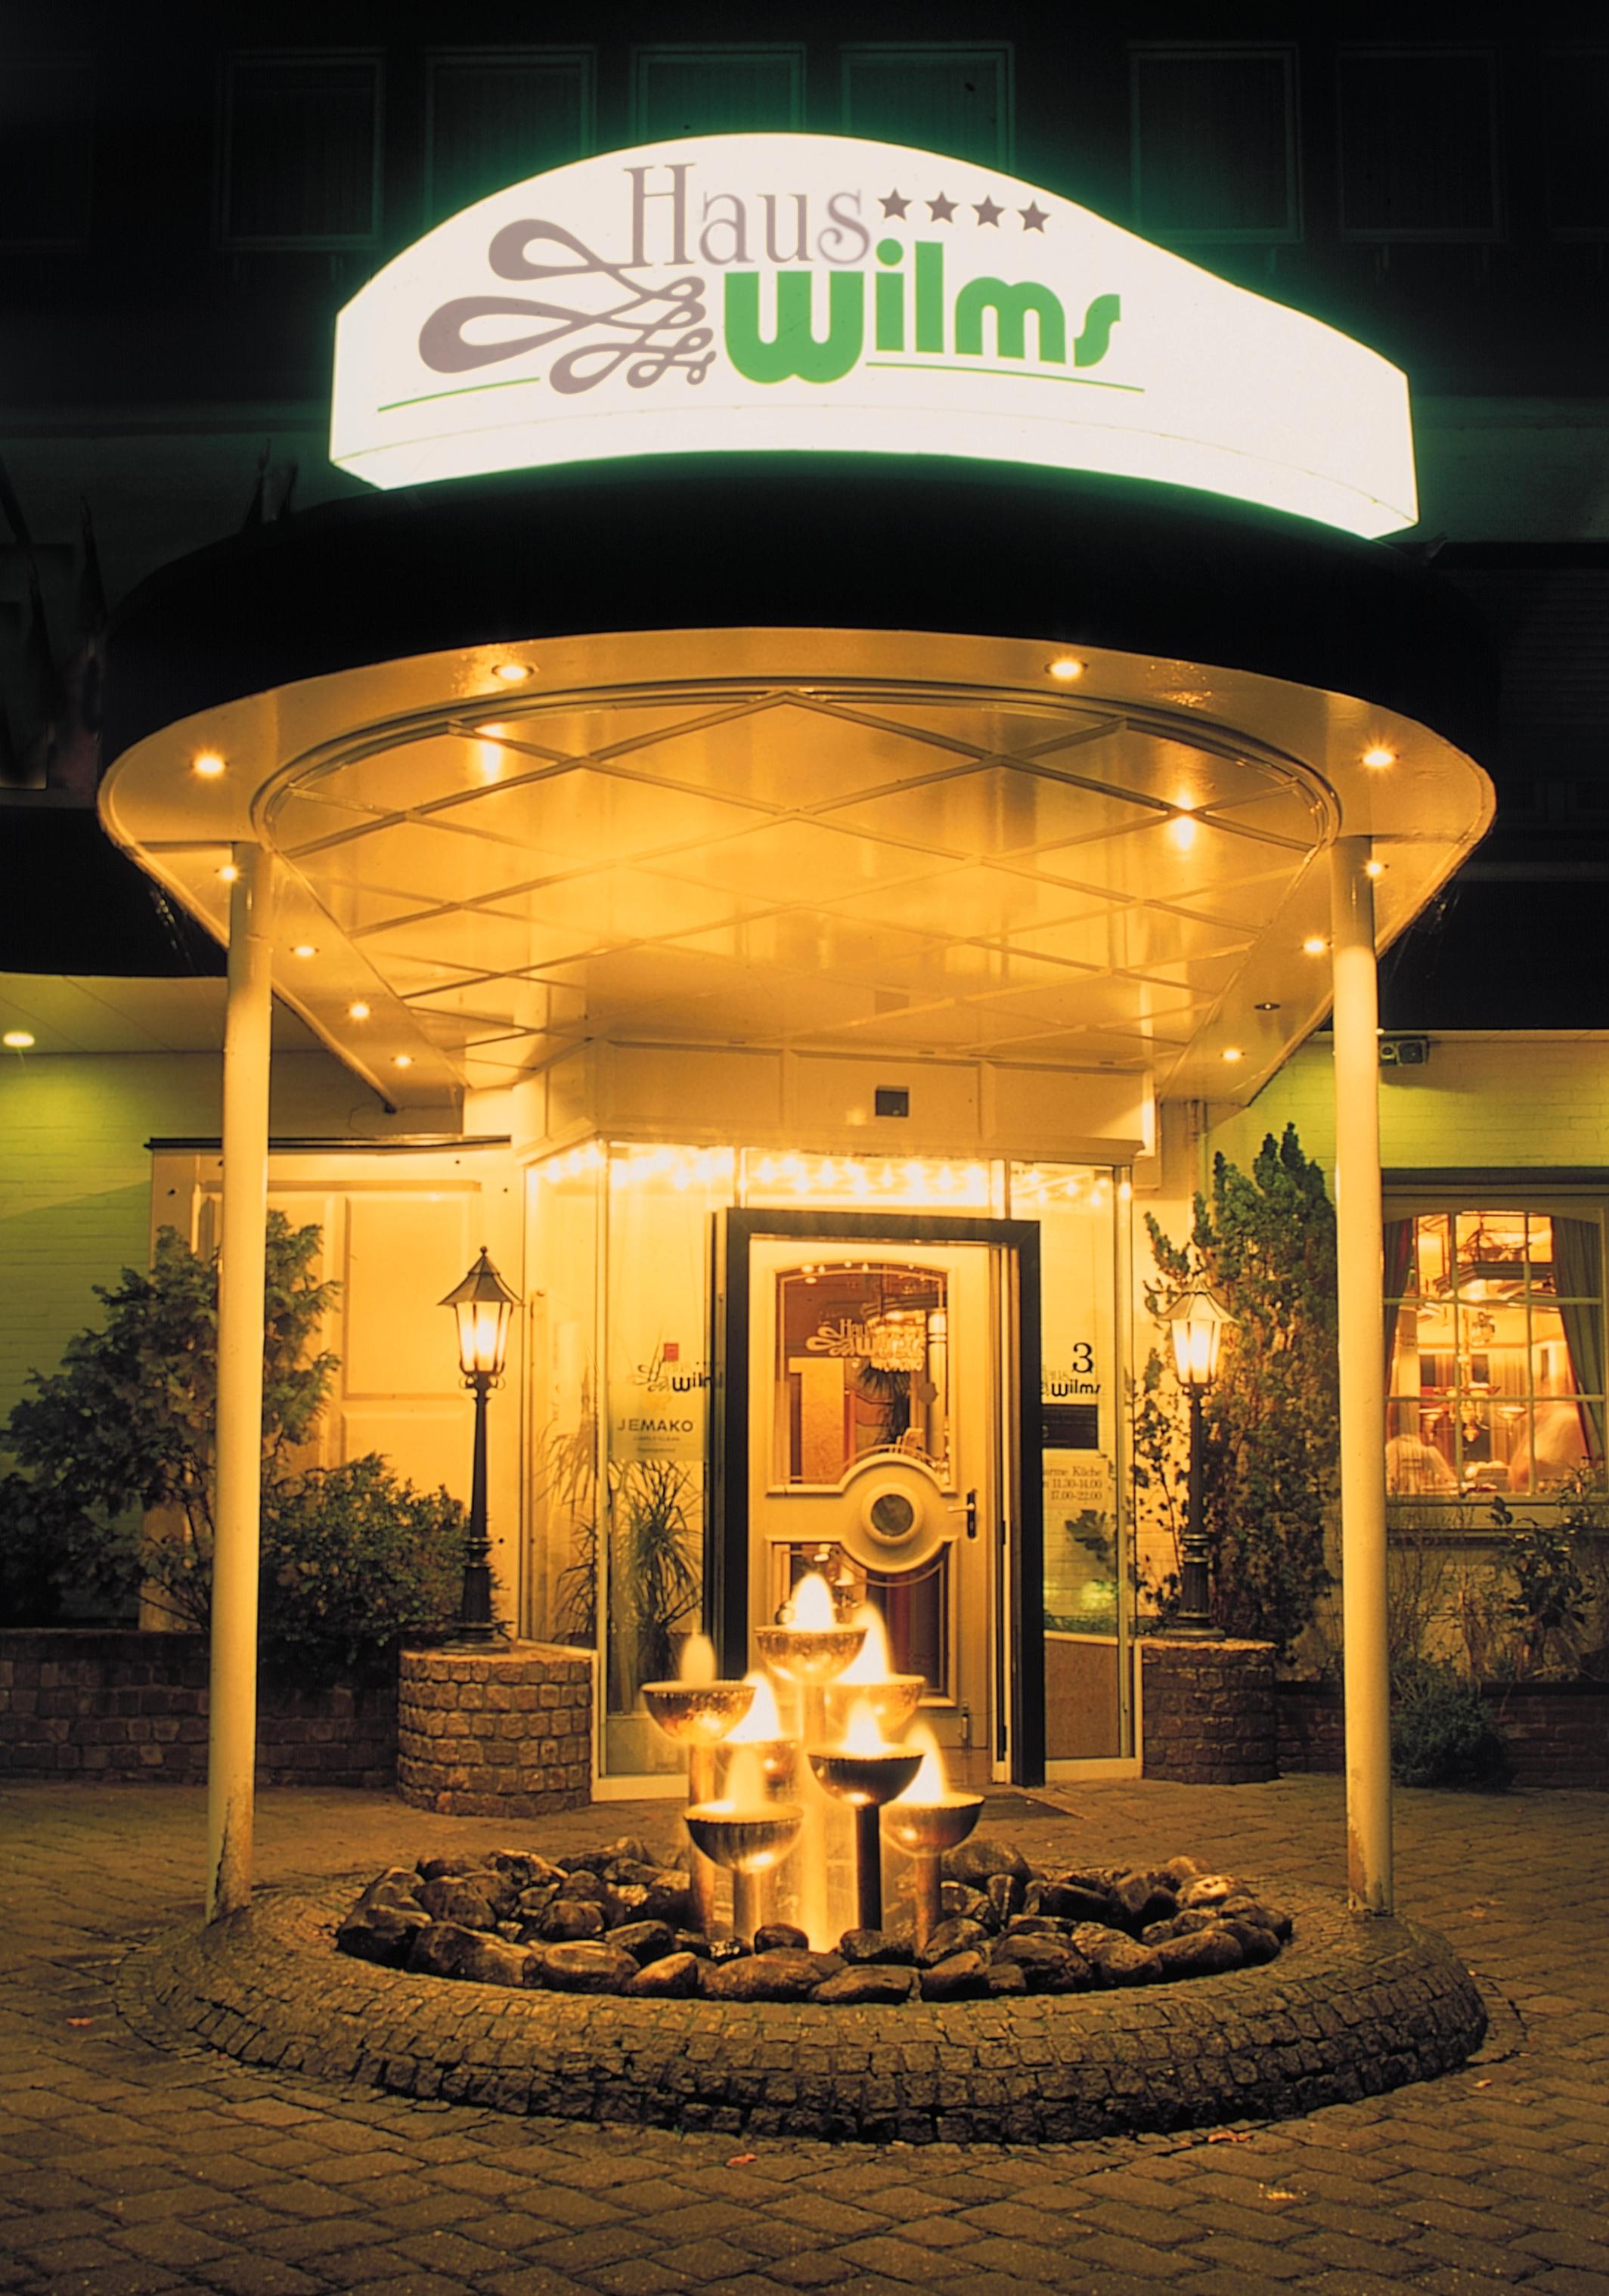 Hotel Restaurant Haus Wilms Touristik Freizeit Markt